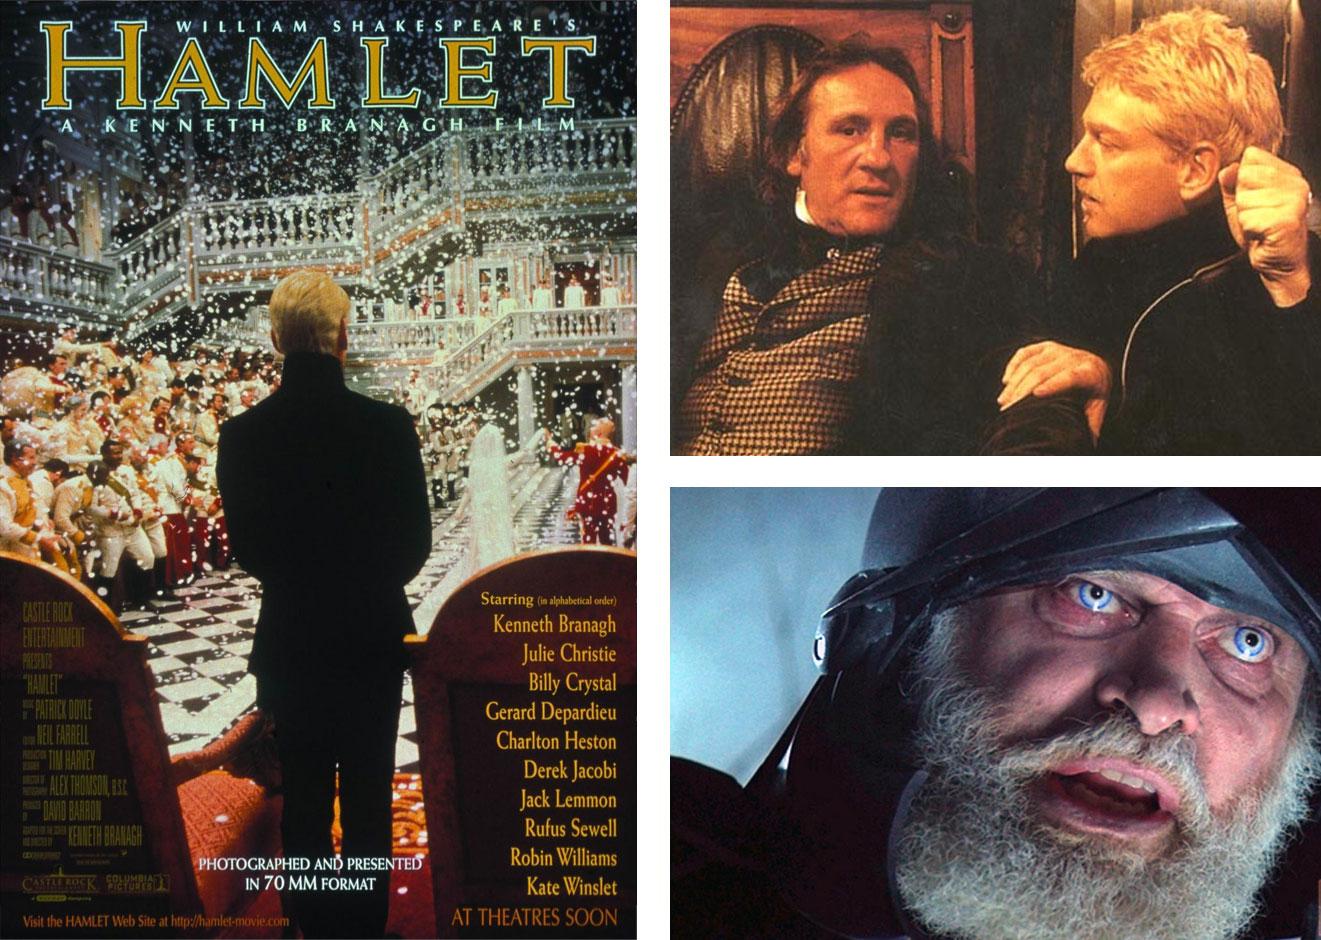 Anunciados en el cartel, Gèrard Depardieu y Richard Attenborough no aparecen en la versión reducida del 'Hamlet' de Kenneth Branagh estrenada en la mayoría de los cines. | Imágenes: Castle Rock Entertaiment.